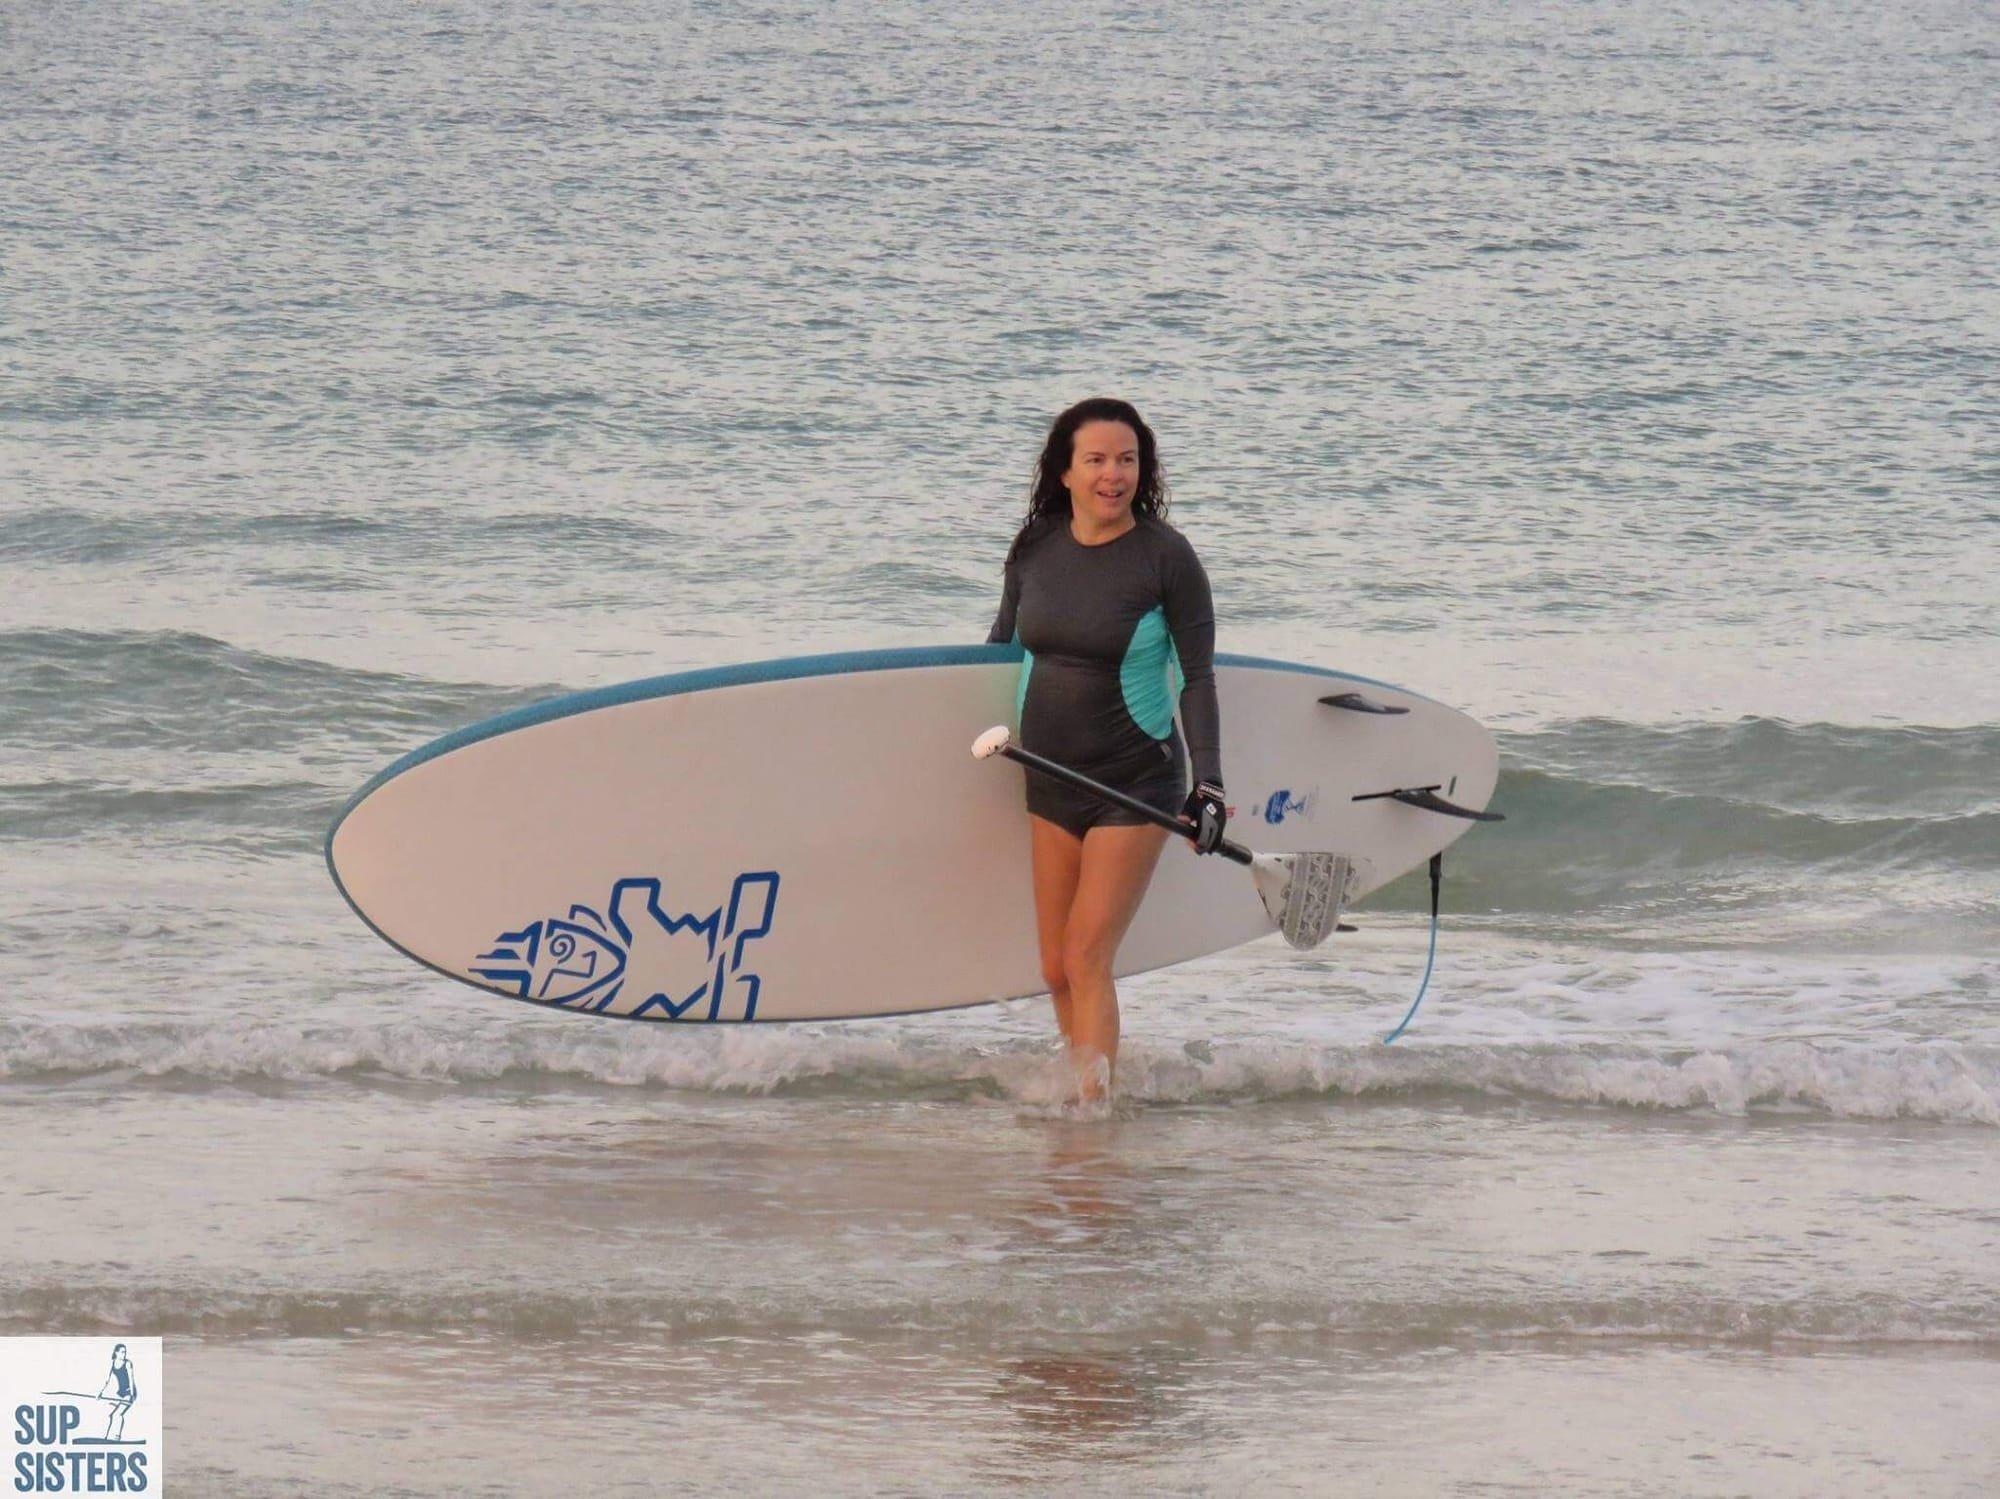 רוית רדיאן, בין ים ושמיים, סאפ, התמודדות עם שינויים